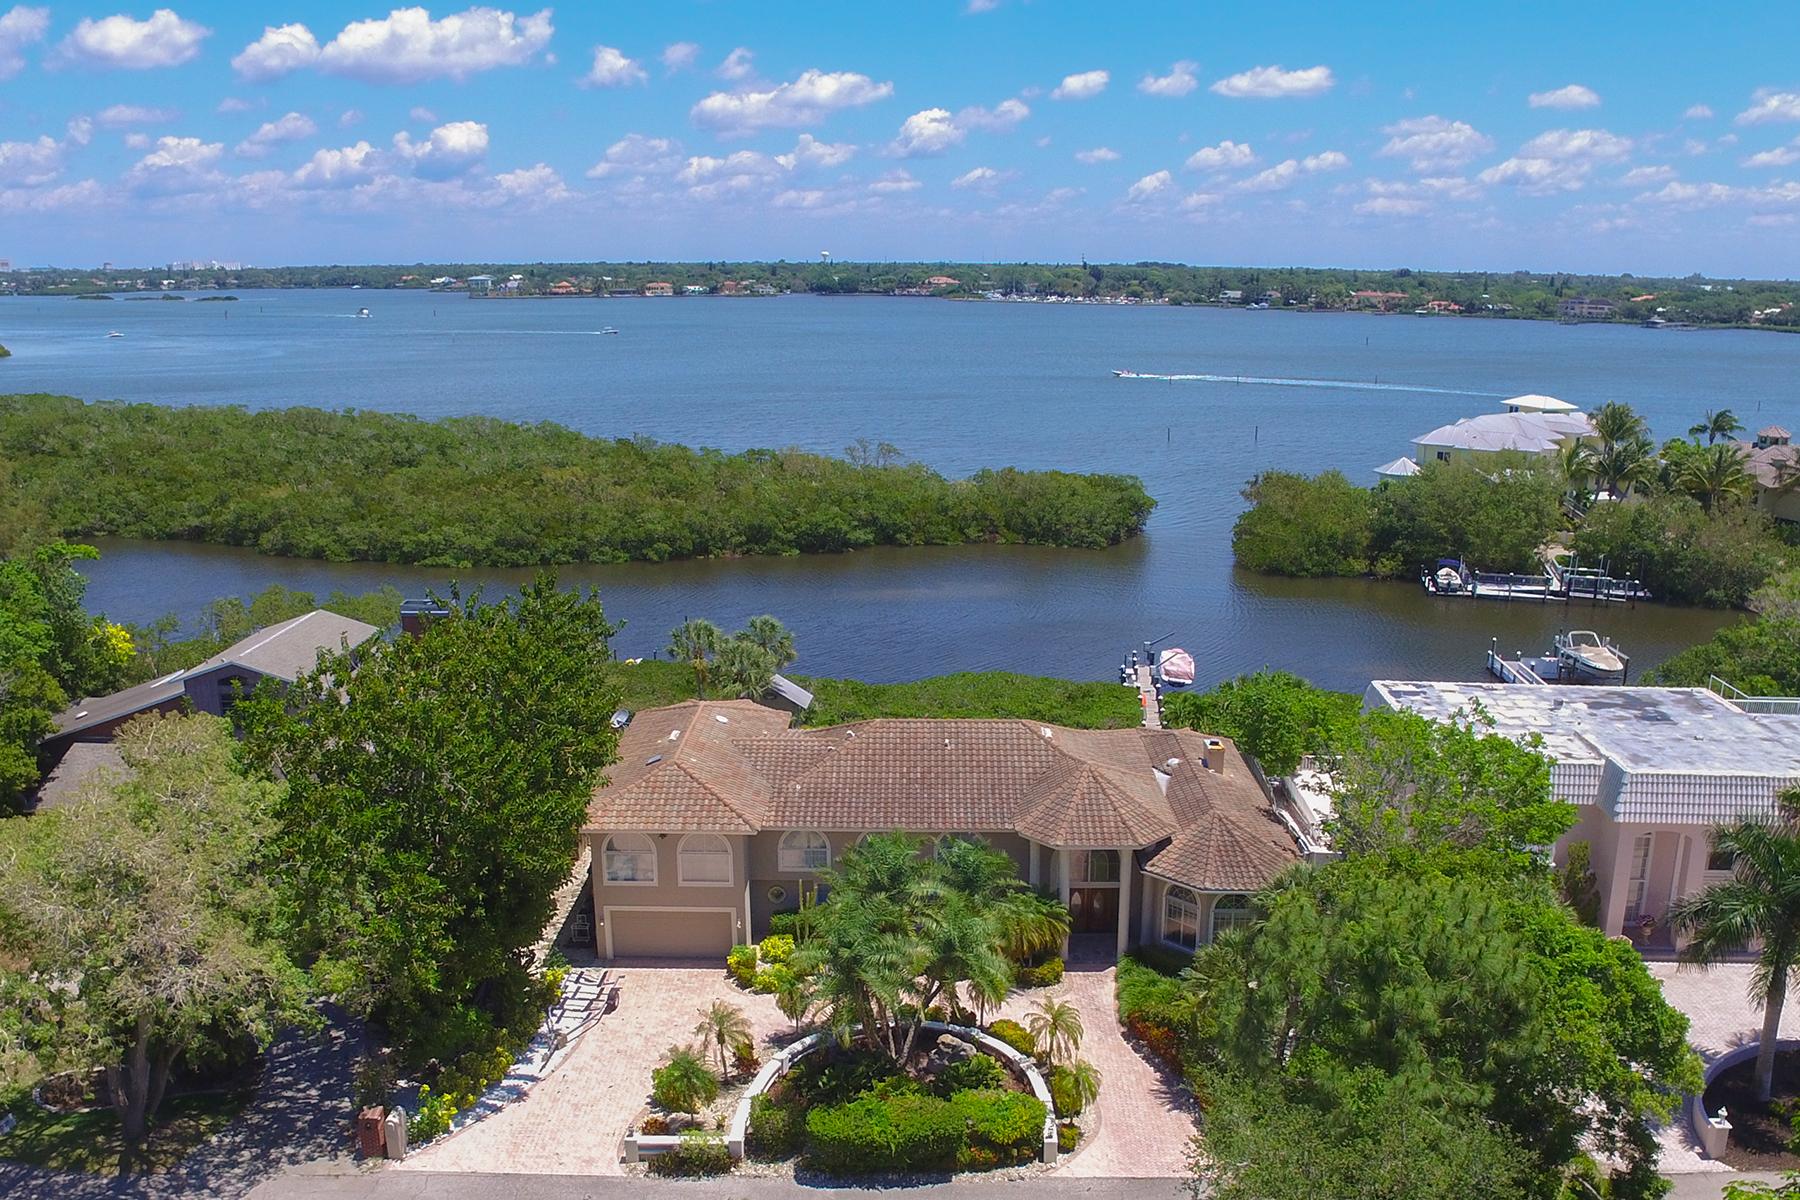 Maison unifamiliale pour l Vente à SIESTA KEY 1366 Roberts Bay Ln Sarasota, Florida, 34242 États-Unis